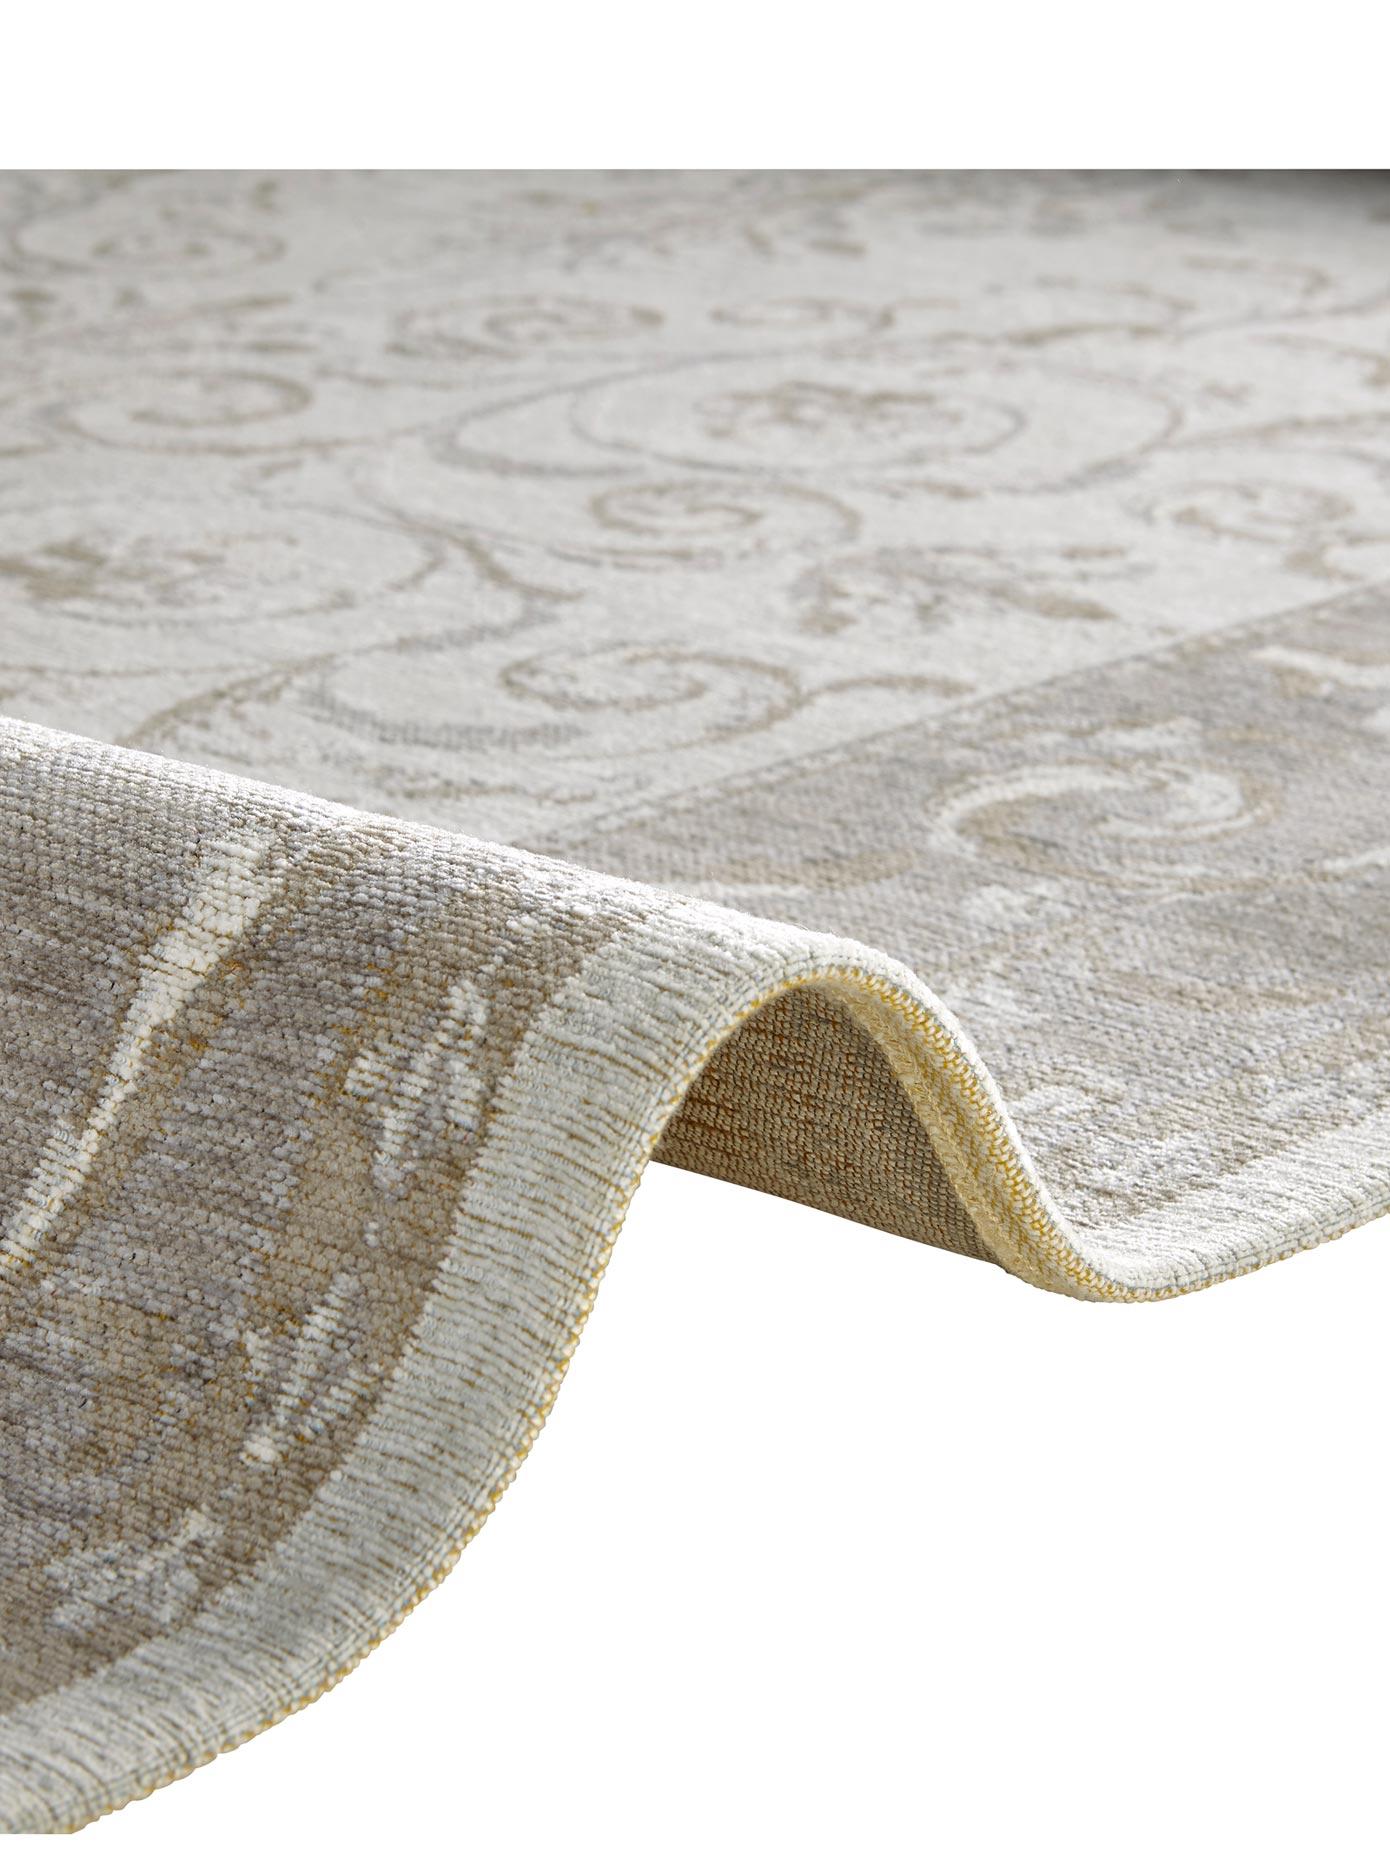 heine home Teppich, rechteckig, 3 mm Höhe grau Teppich Baumwollteppiche Naturteppiche Teppiche